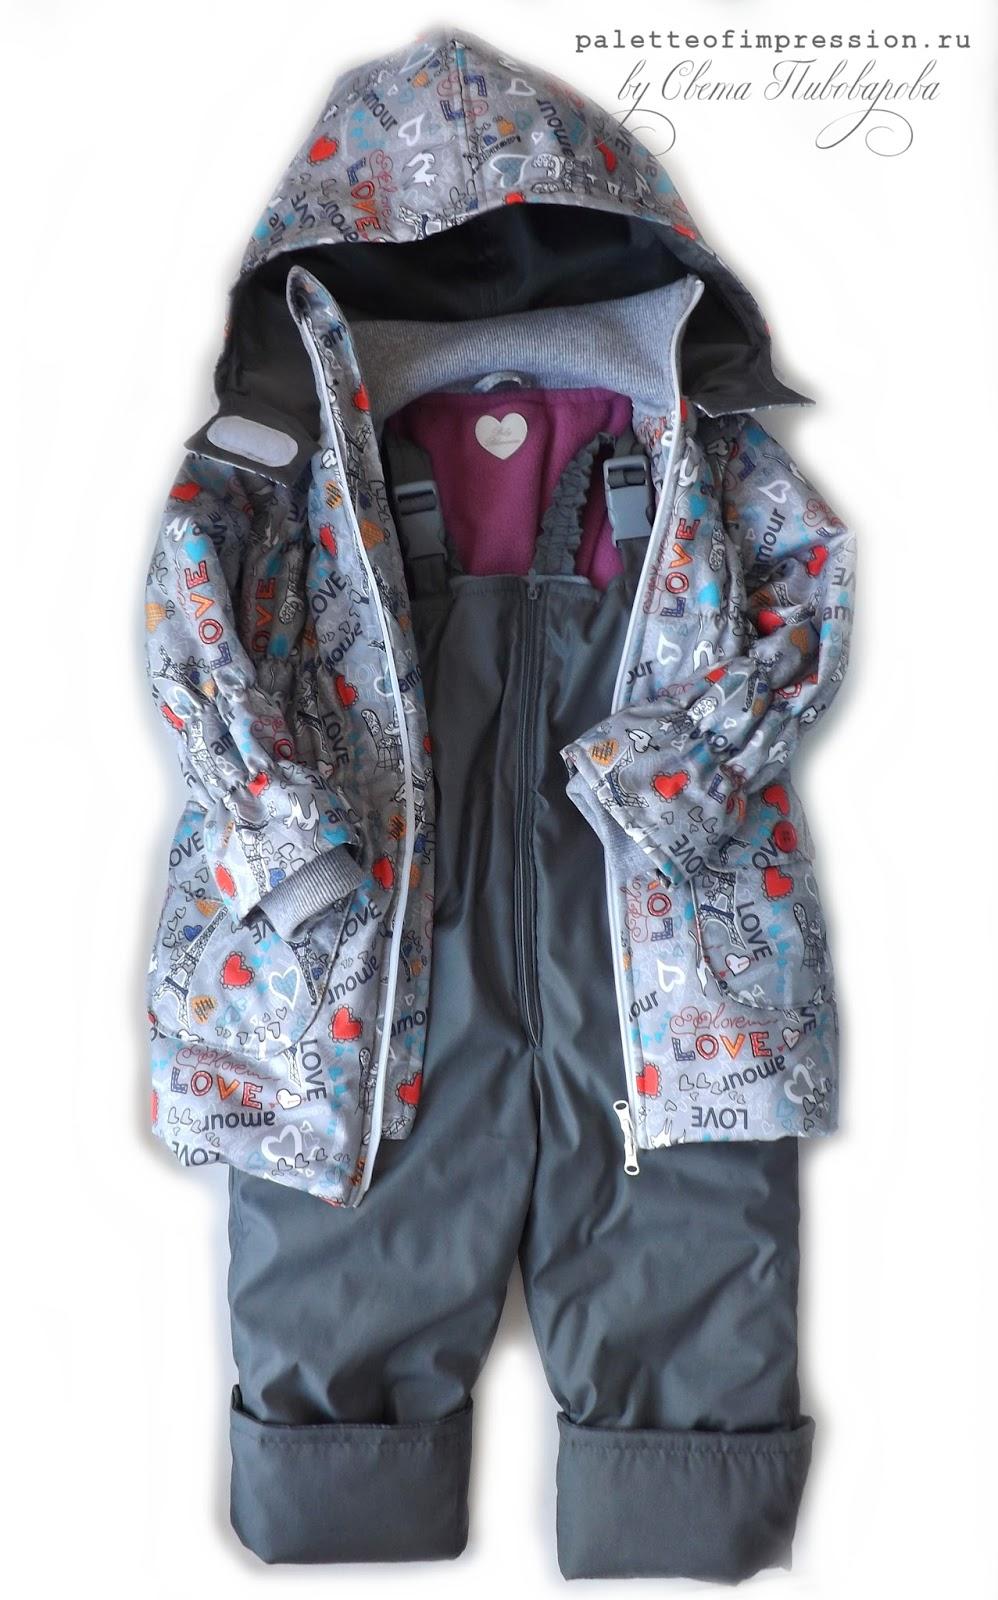 Весенний детский комплект, курточка и полукомбинезон. Выкройка Ottobre